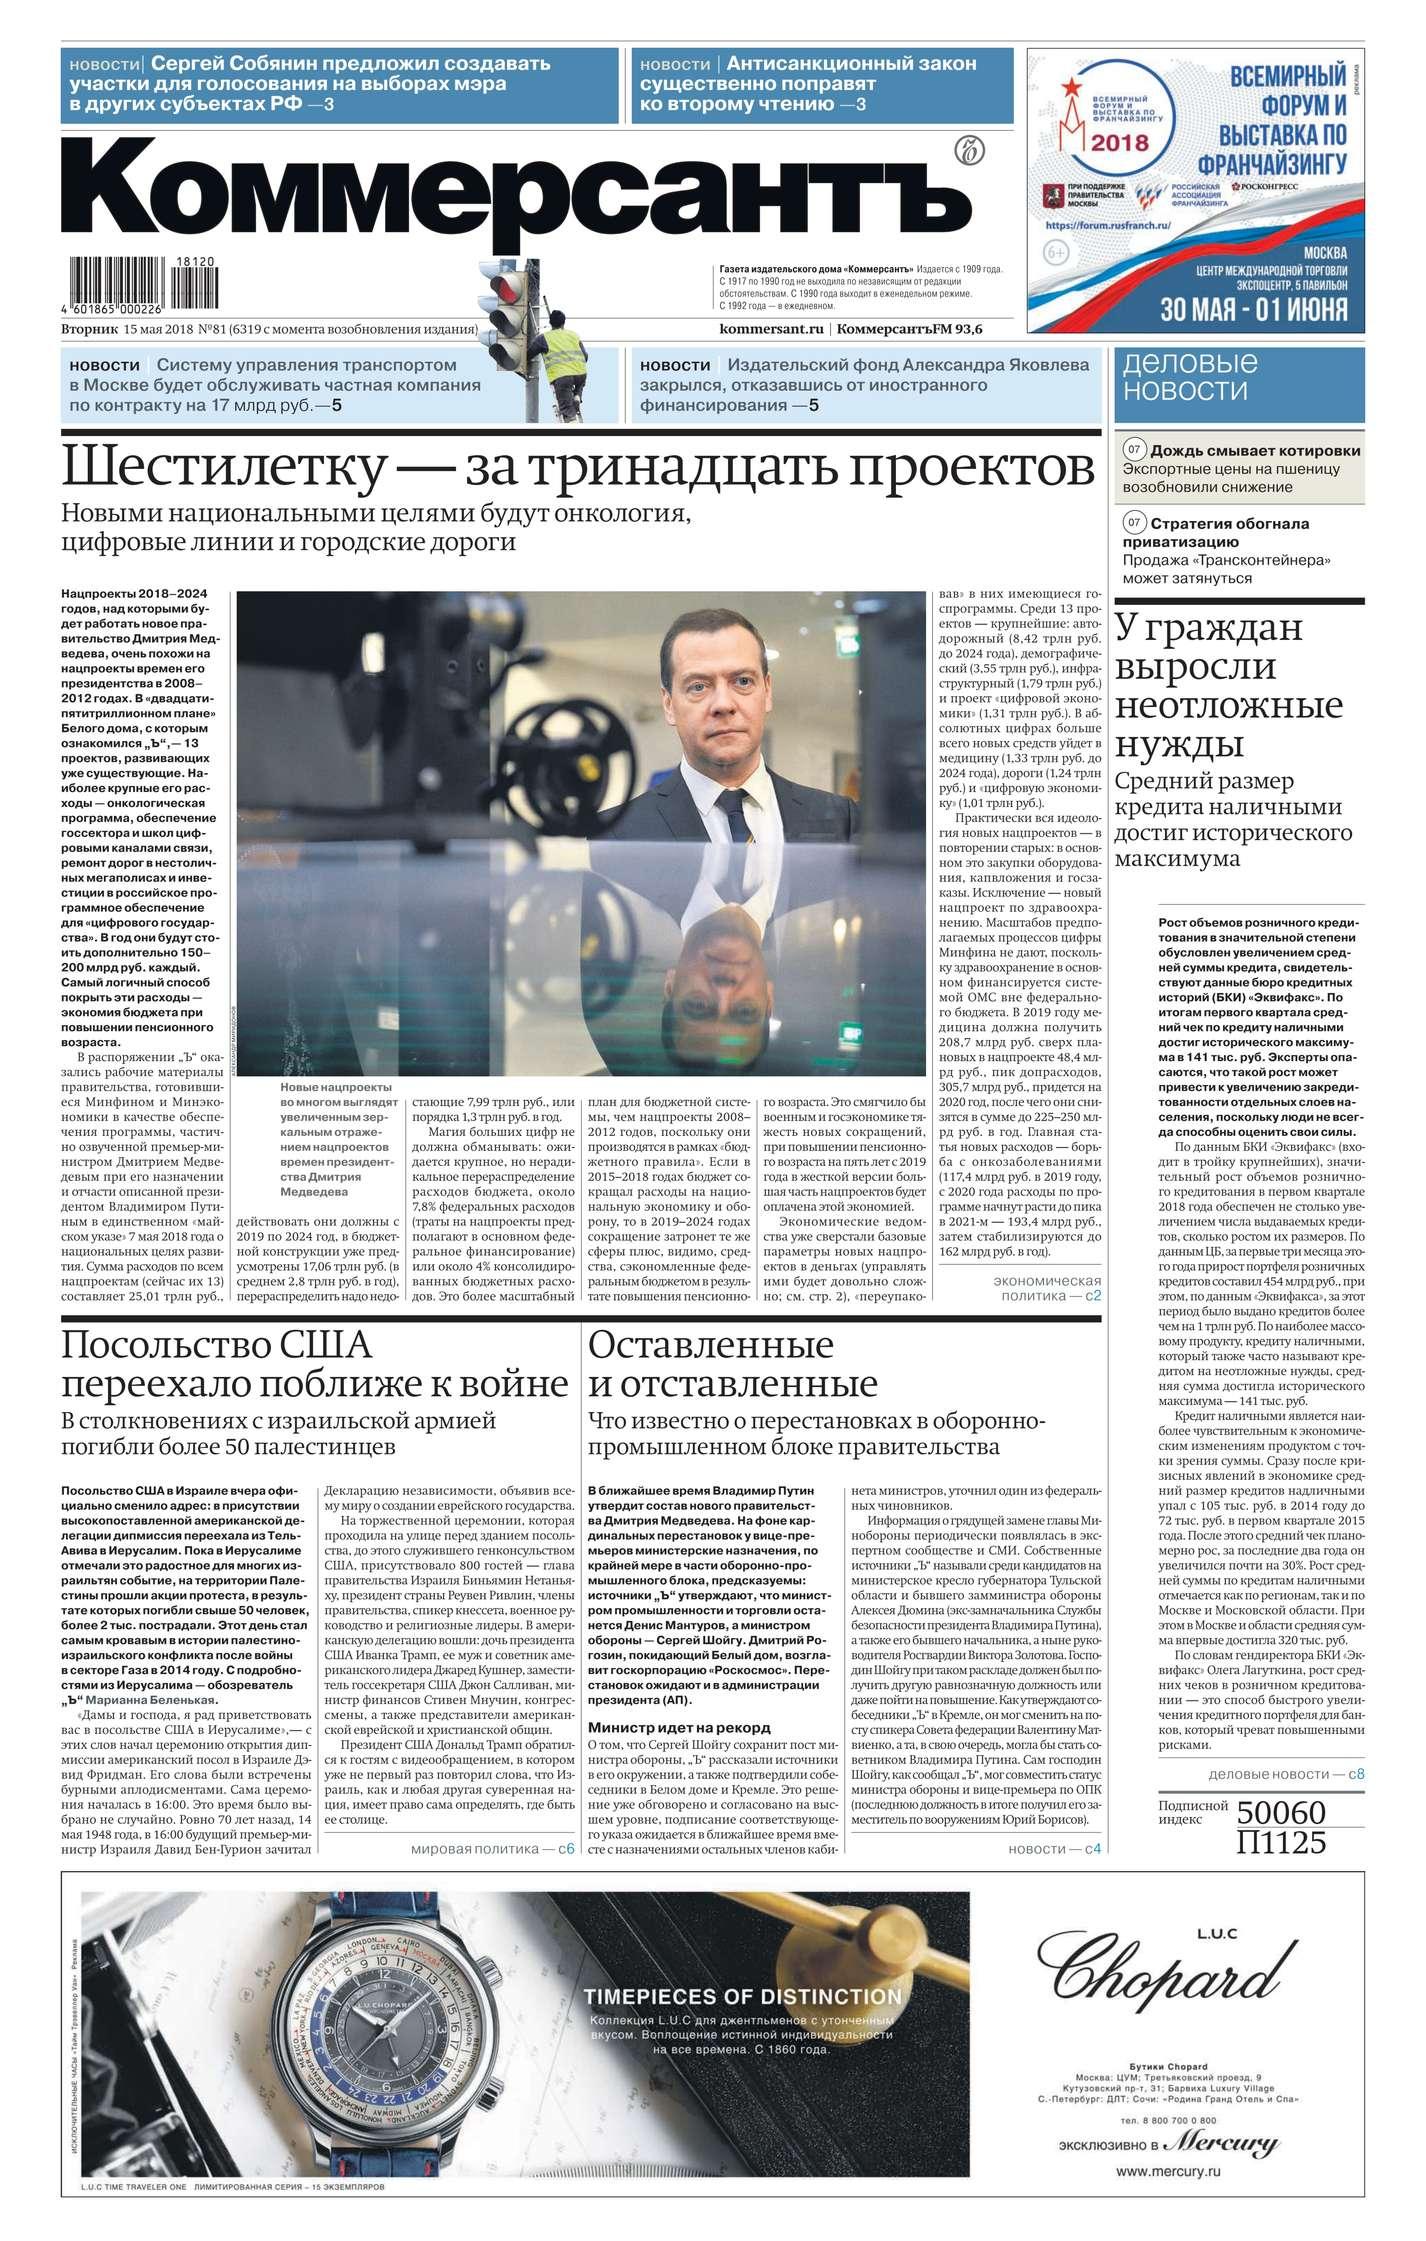 Редакция газеты Коммерсантъ (понедельник-пятница) Коммерсантъ (понедельник-пятница) 81-2018 цена